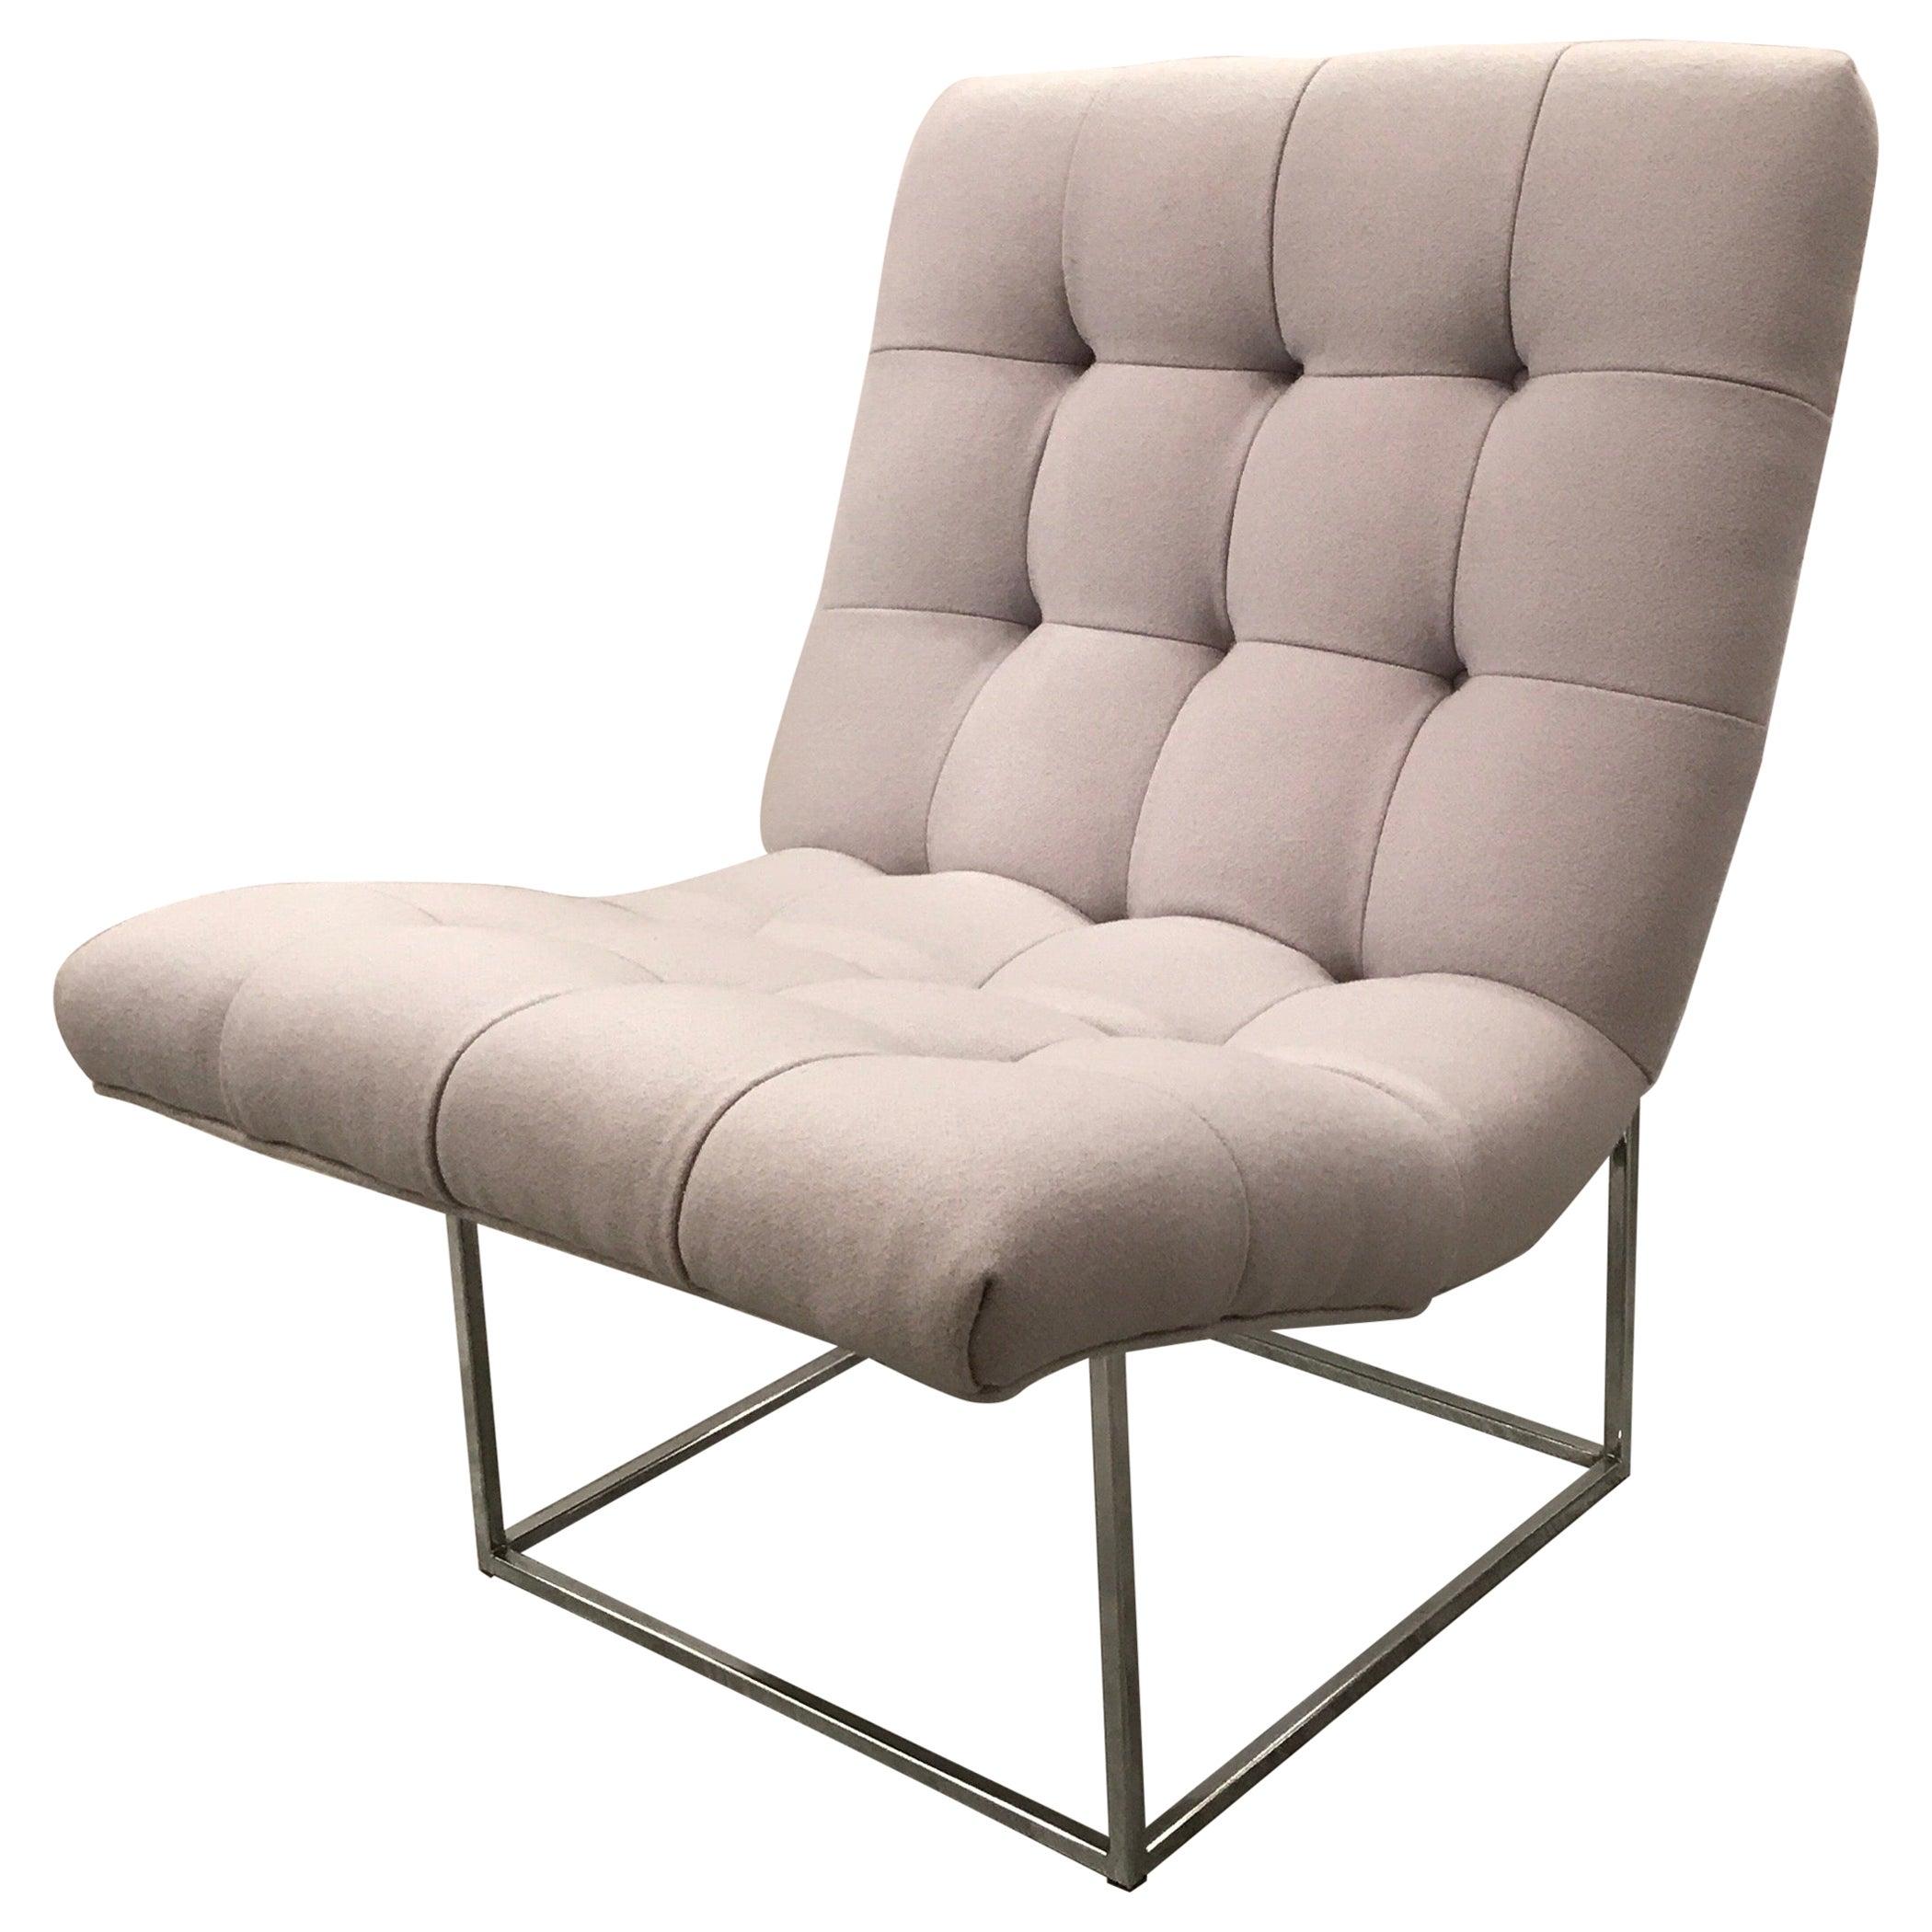 Milo Baughman Scoop Chair by Thayer Coggin